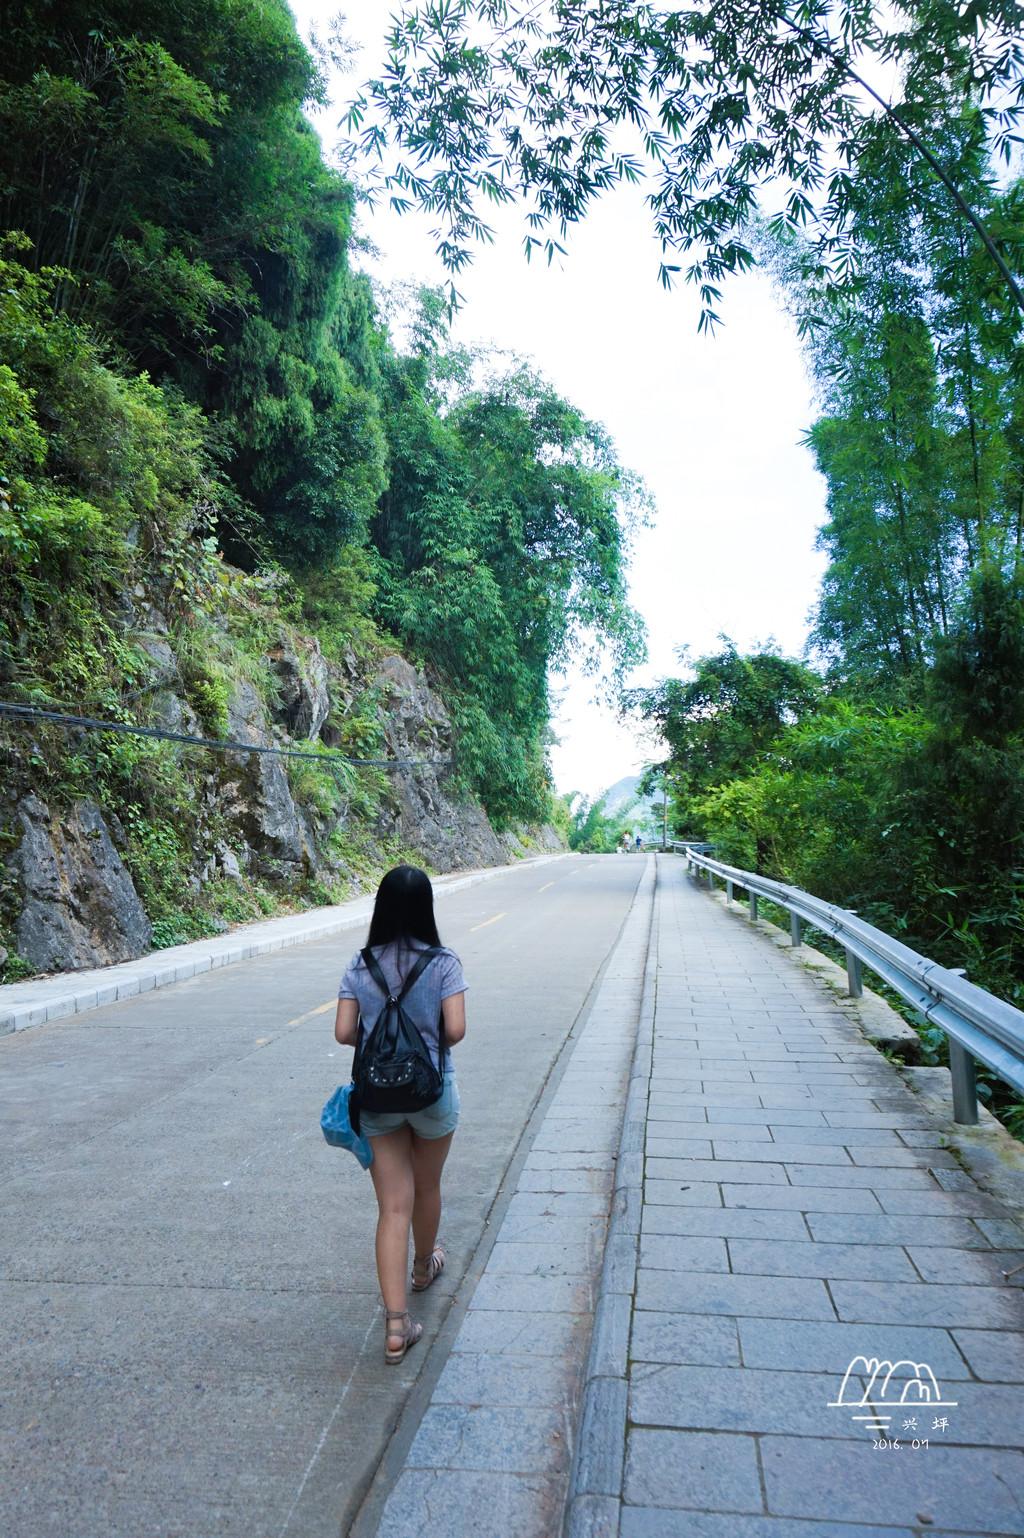 都说兴坪段是漓江的精华,果然不错,远处群山叠翠,近处水流潺潺。